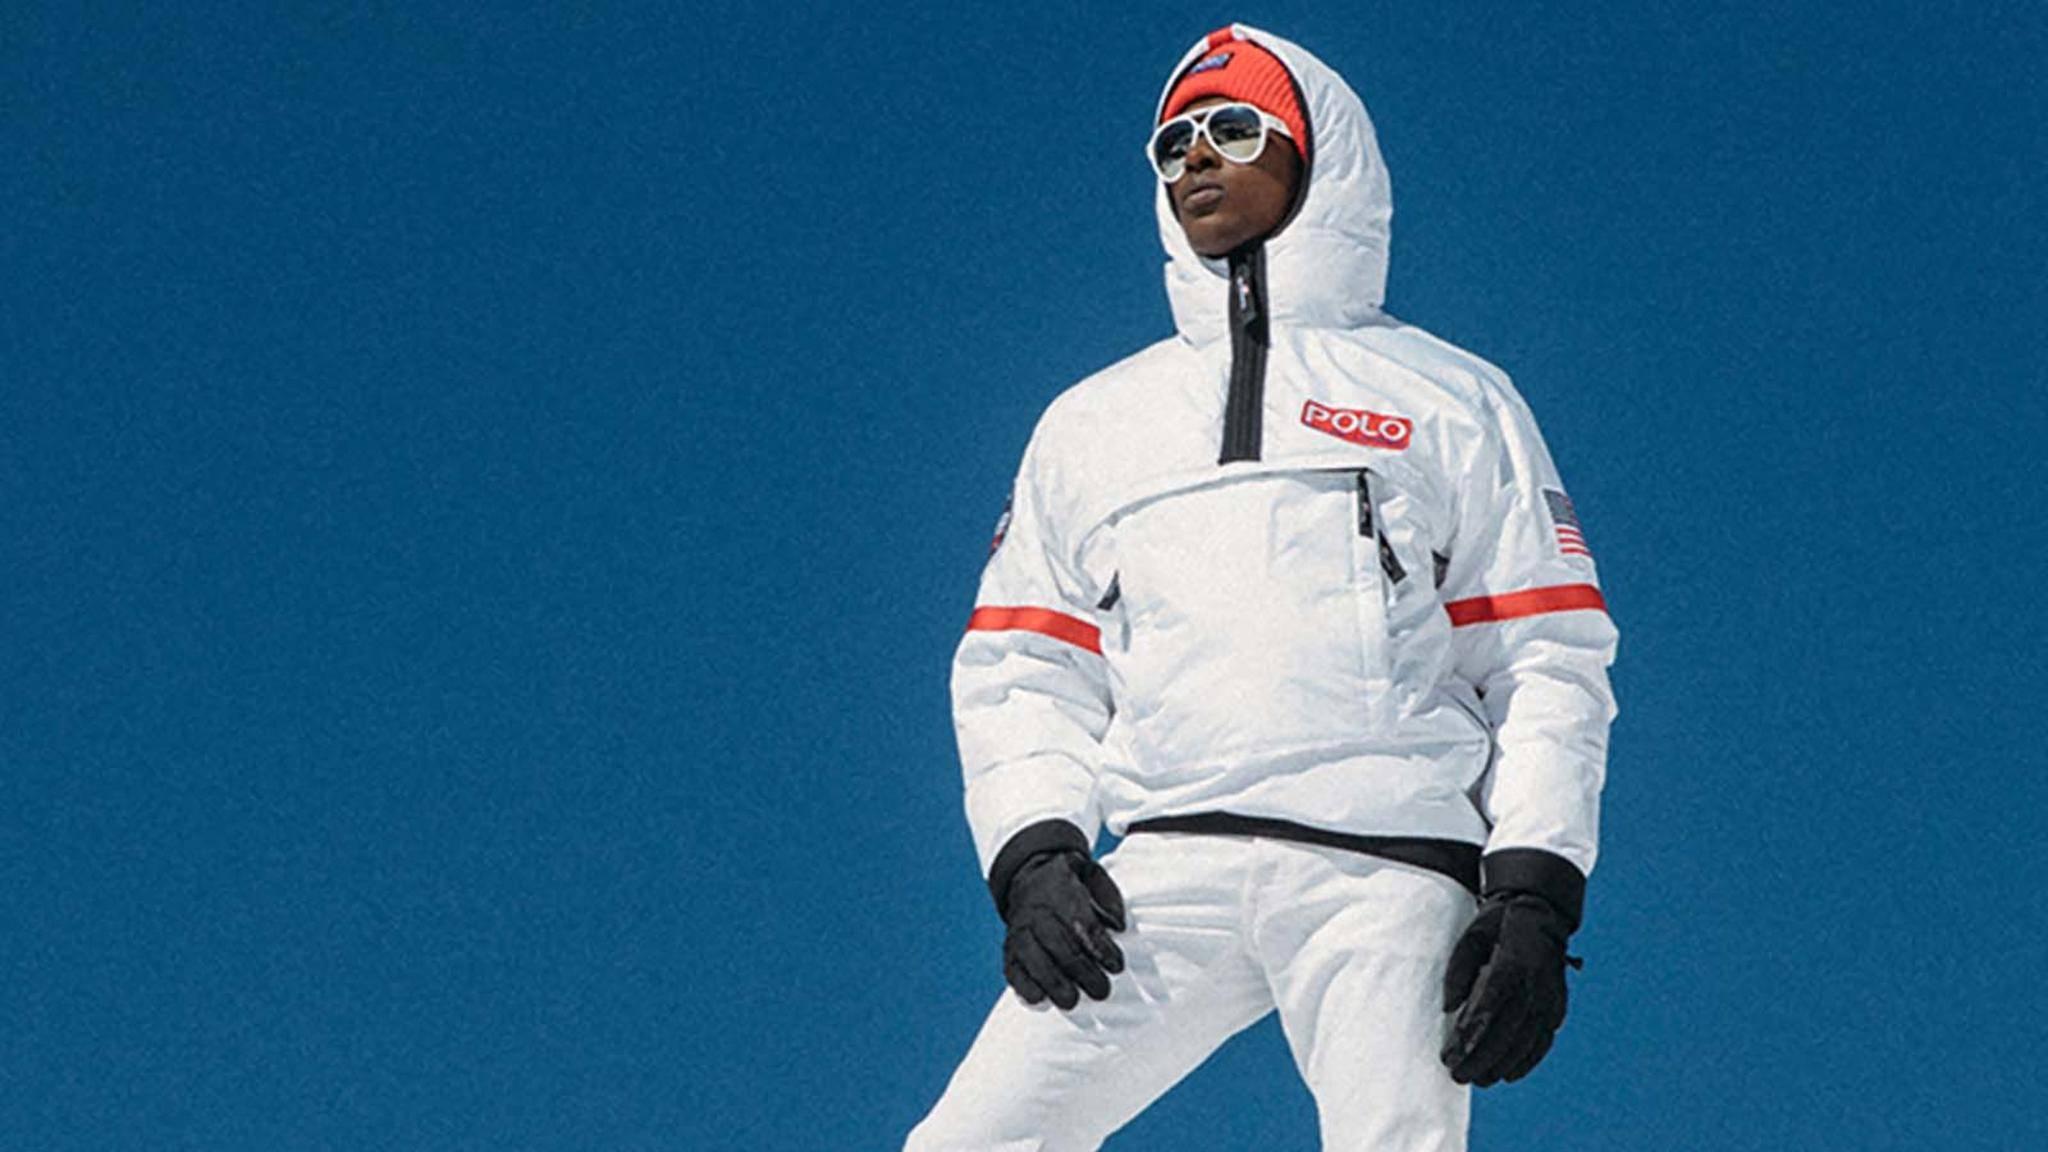 Mit Ralph Laurens neuer beheizbarer Jacke musst Du Minusgrade nicht fürchten.